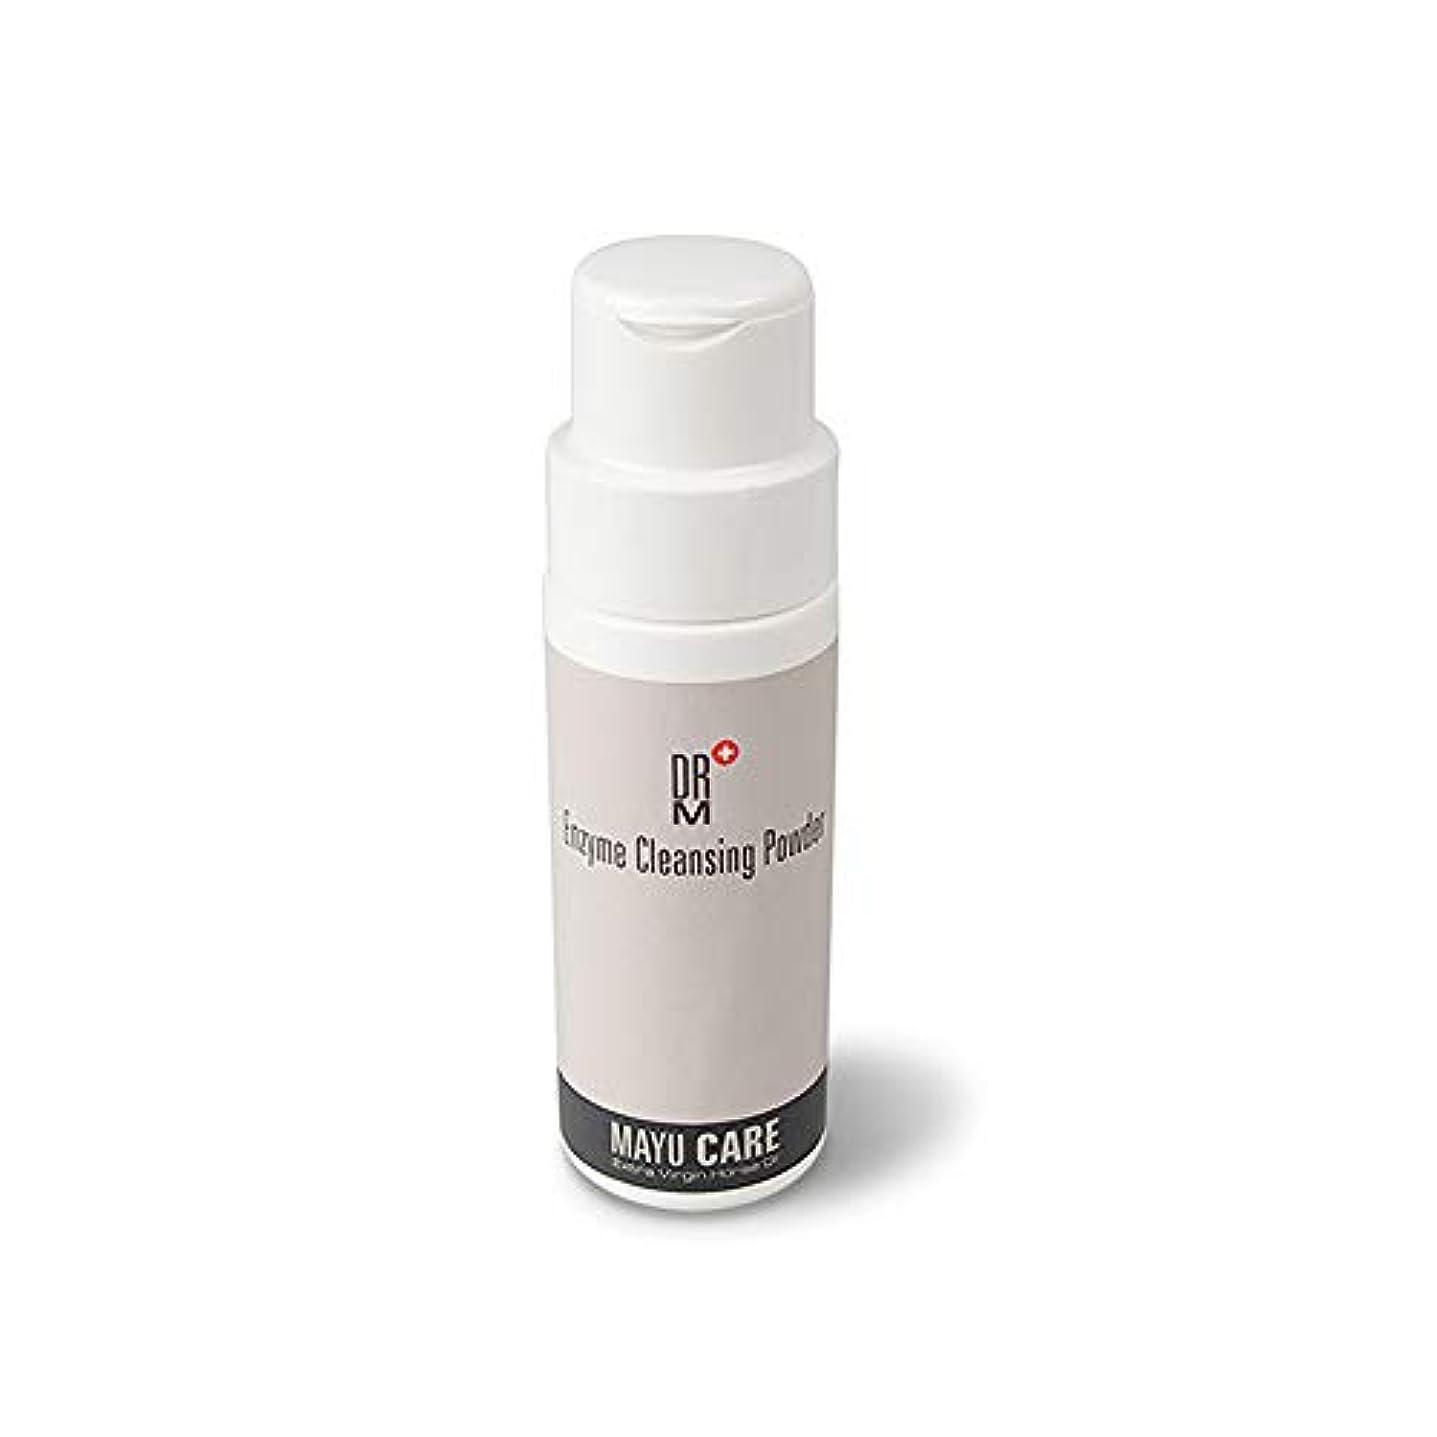 ハチ病院中庭[Dr.M] Enzyme Cleansing Powder 酵素 クレンジングパウダー 100g [並行輸入品]